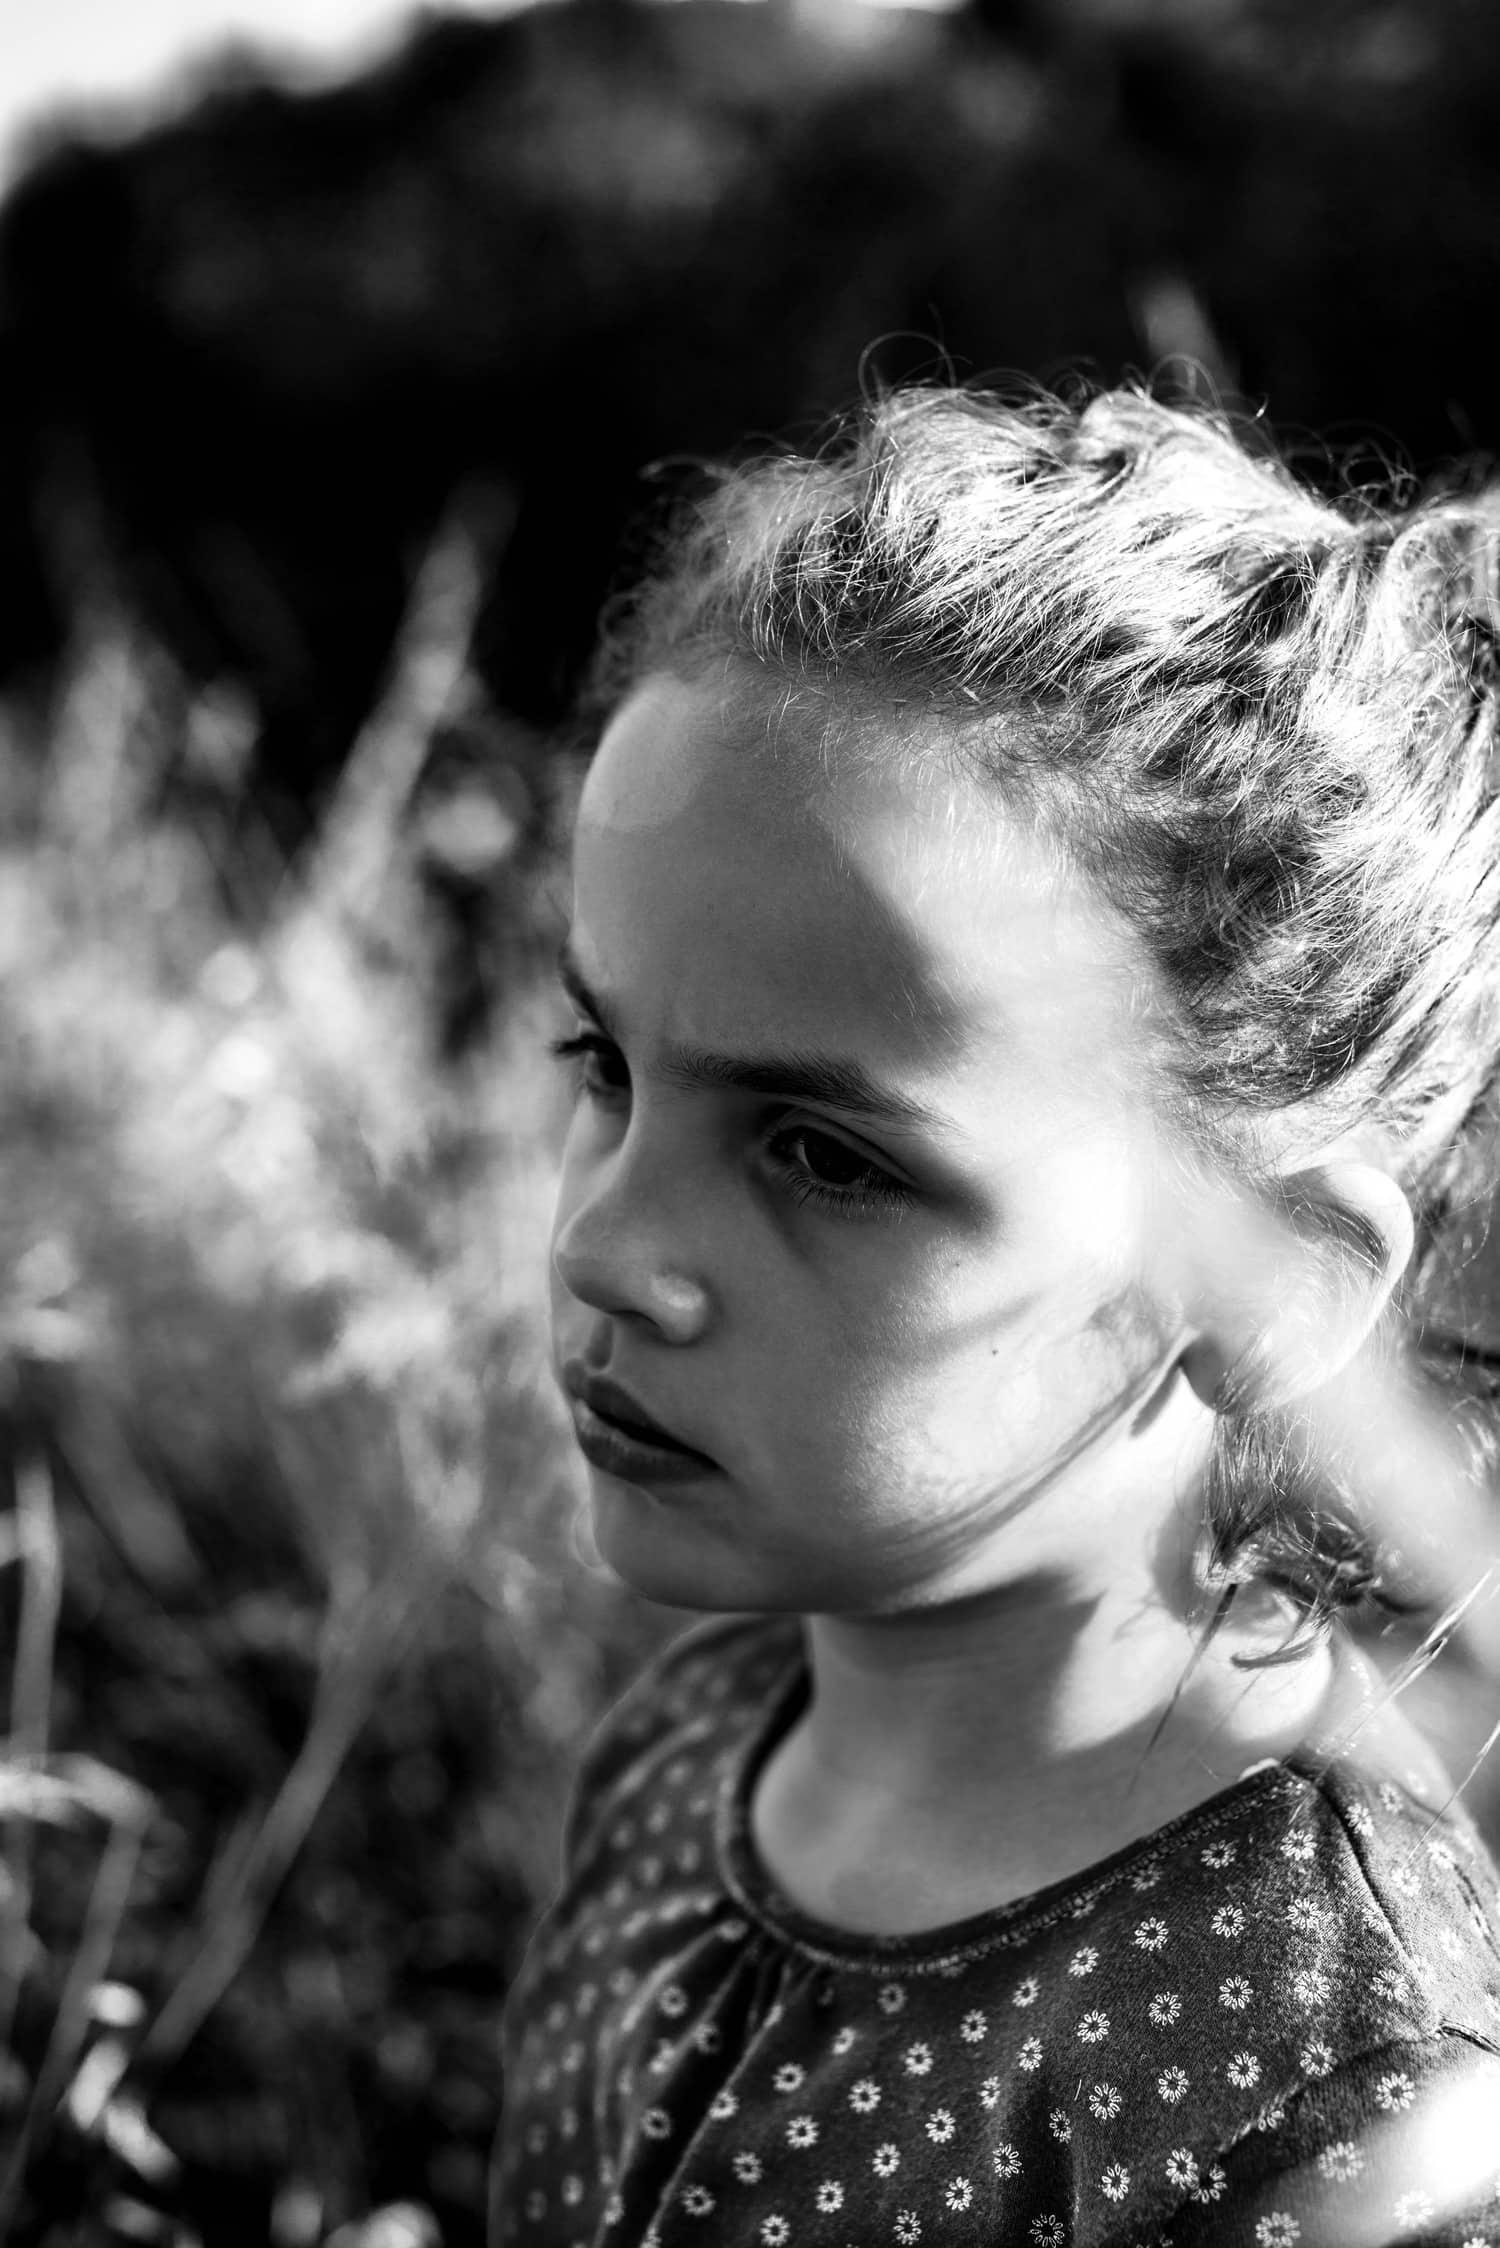 retrato de una niña seria